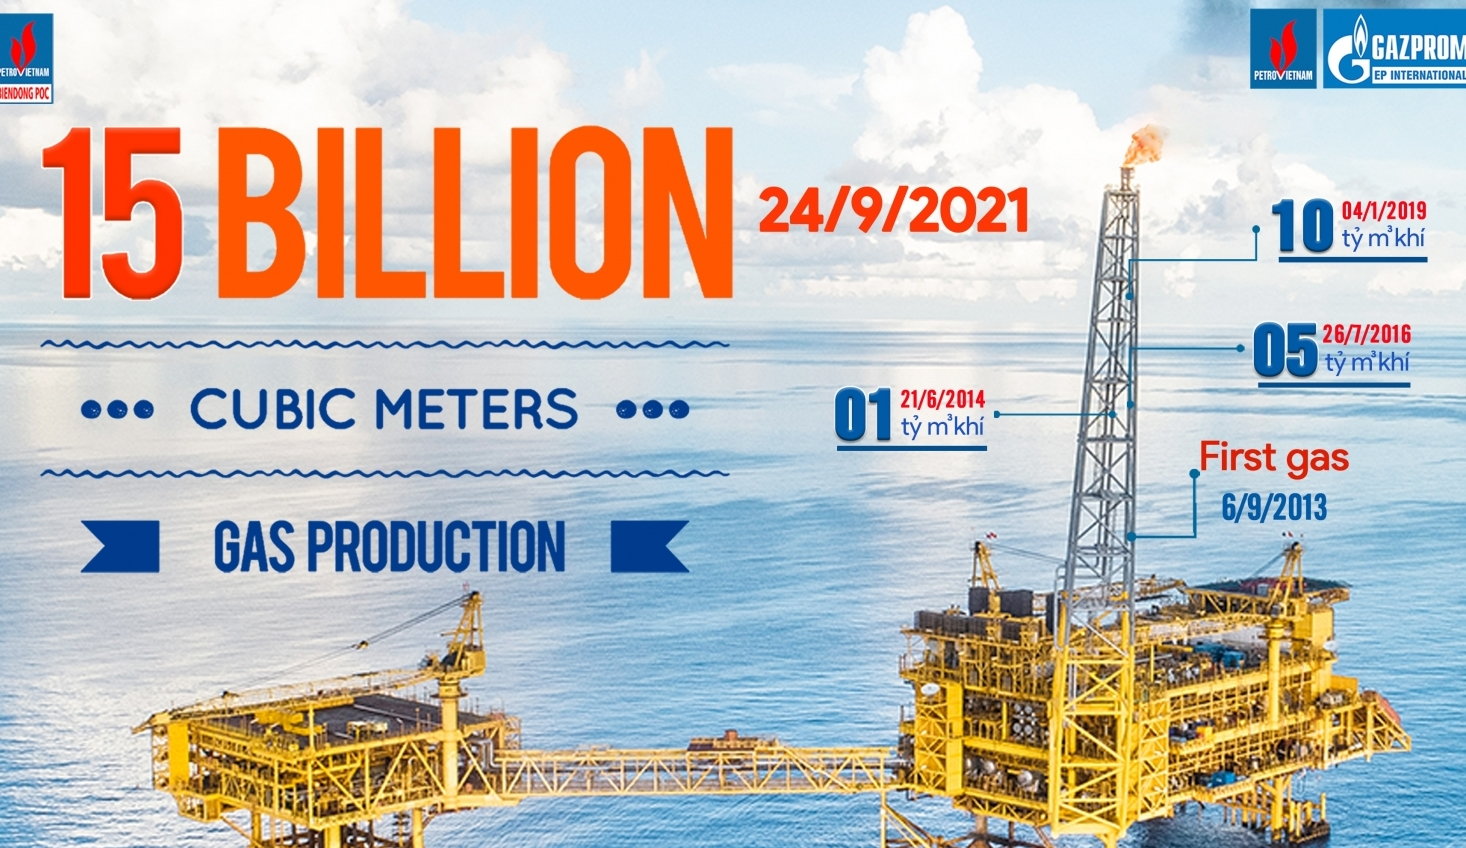 BIENDONG POC đạt mốc sản lượng khai thác 15 tỷ m3 khí: Thành quả đáng tự hào!